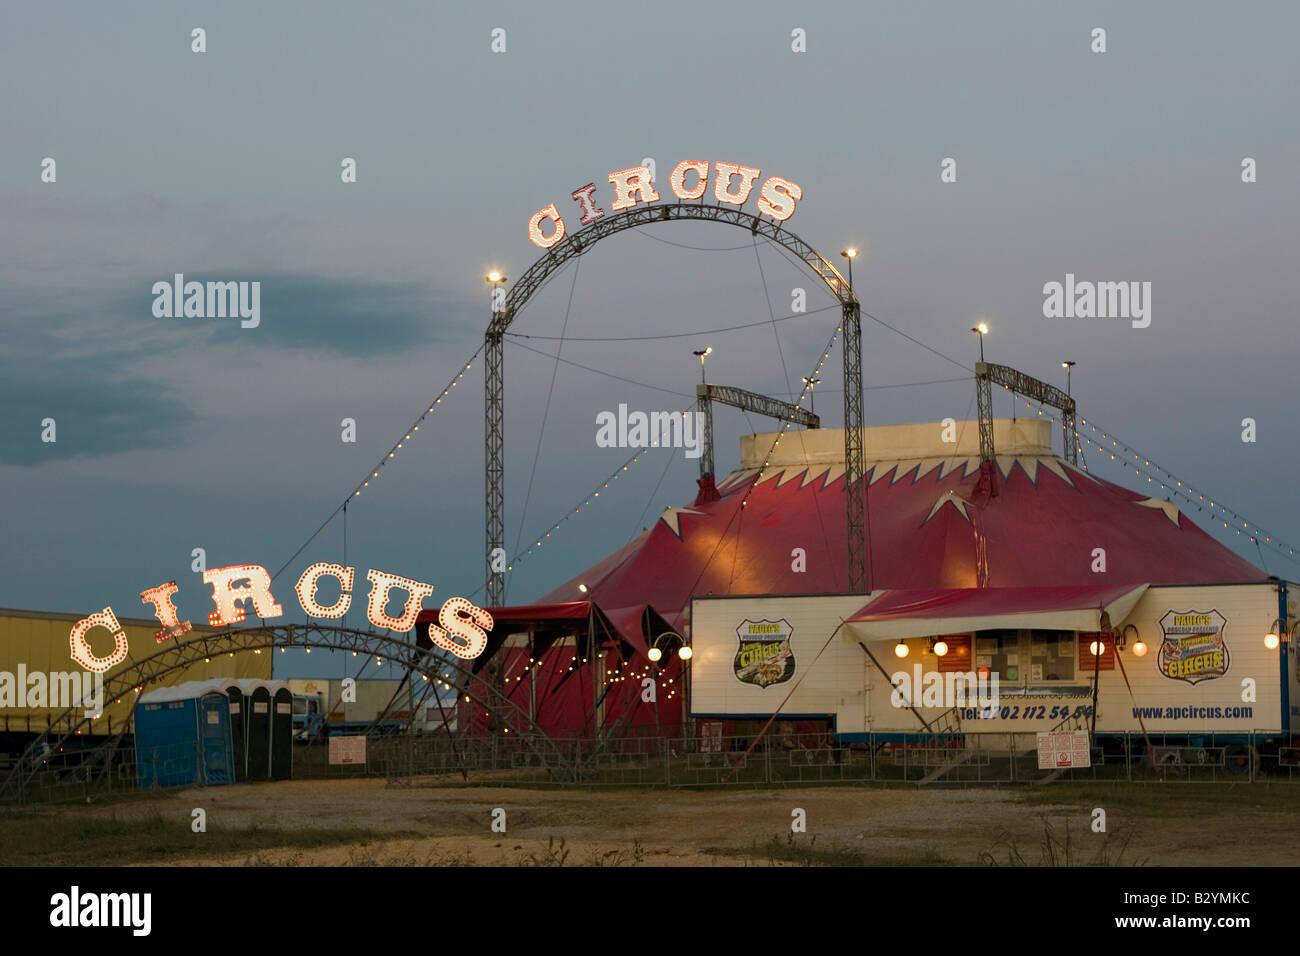 Signe du cirque illuminé, big top & billetterie sur Portland en 2008 Banque D'Images